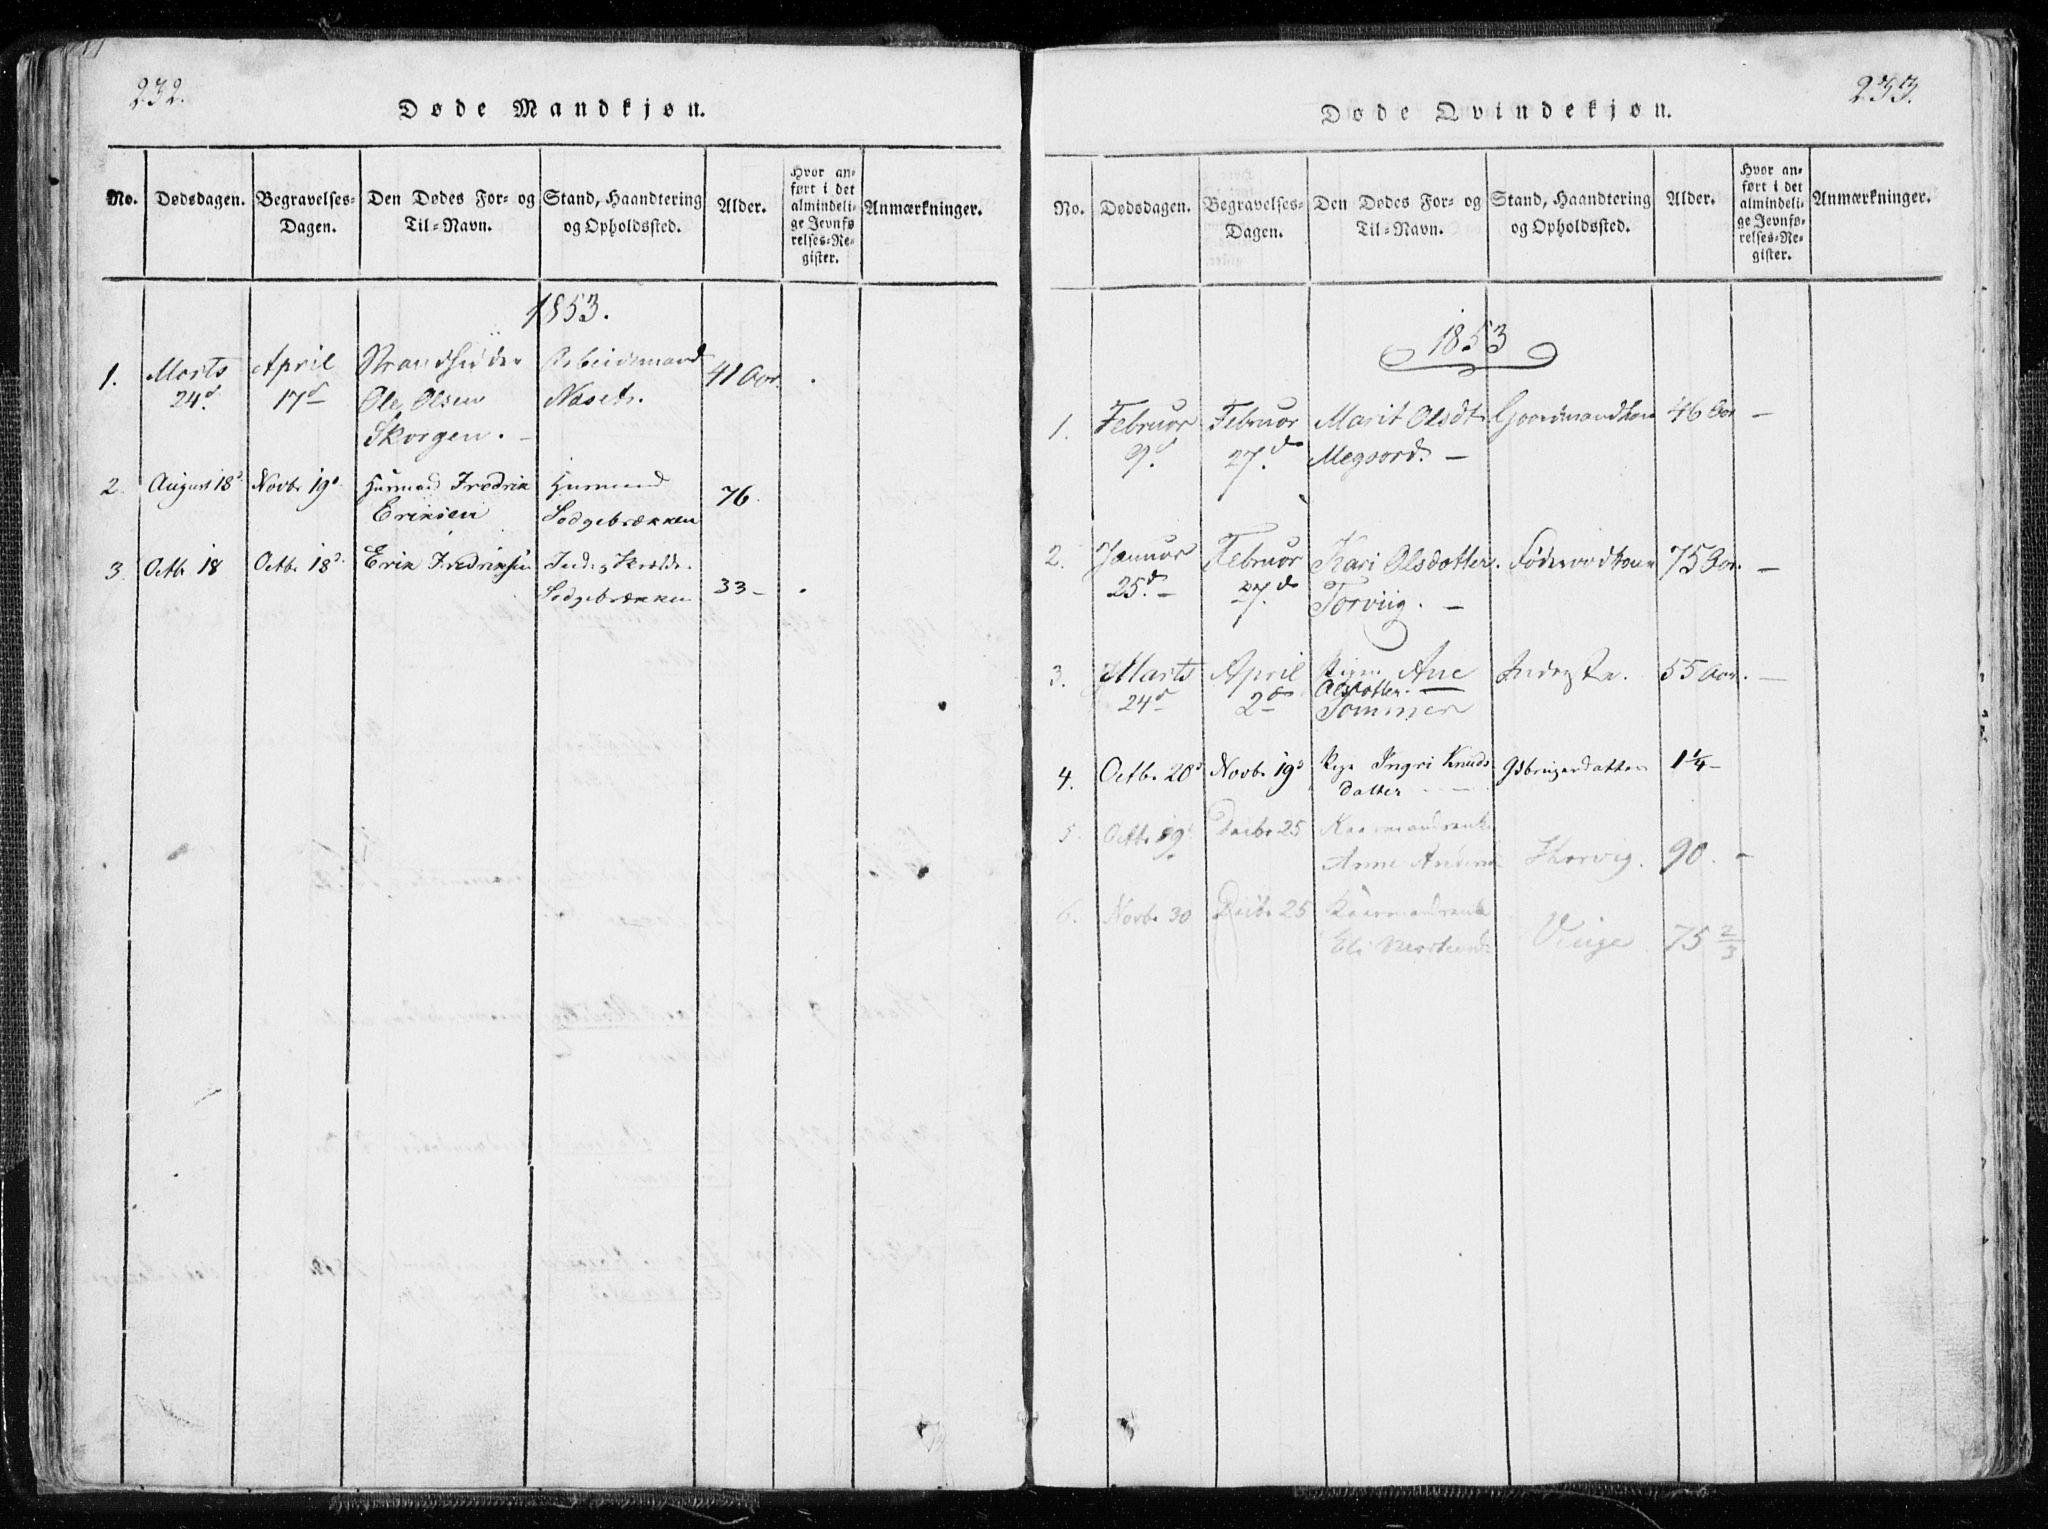 SAT, Ministerialprotokoller, klokkerbøker og fødselsregistre - Møre og Romsdal, 544/L0571: Ministerialbok nr. 544A04, 1818-1853, s. 232-233